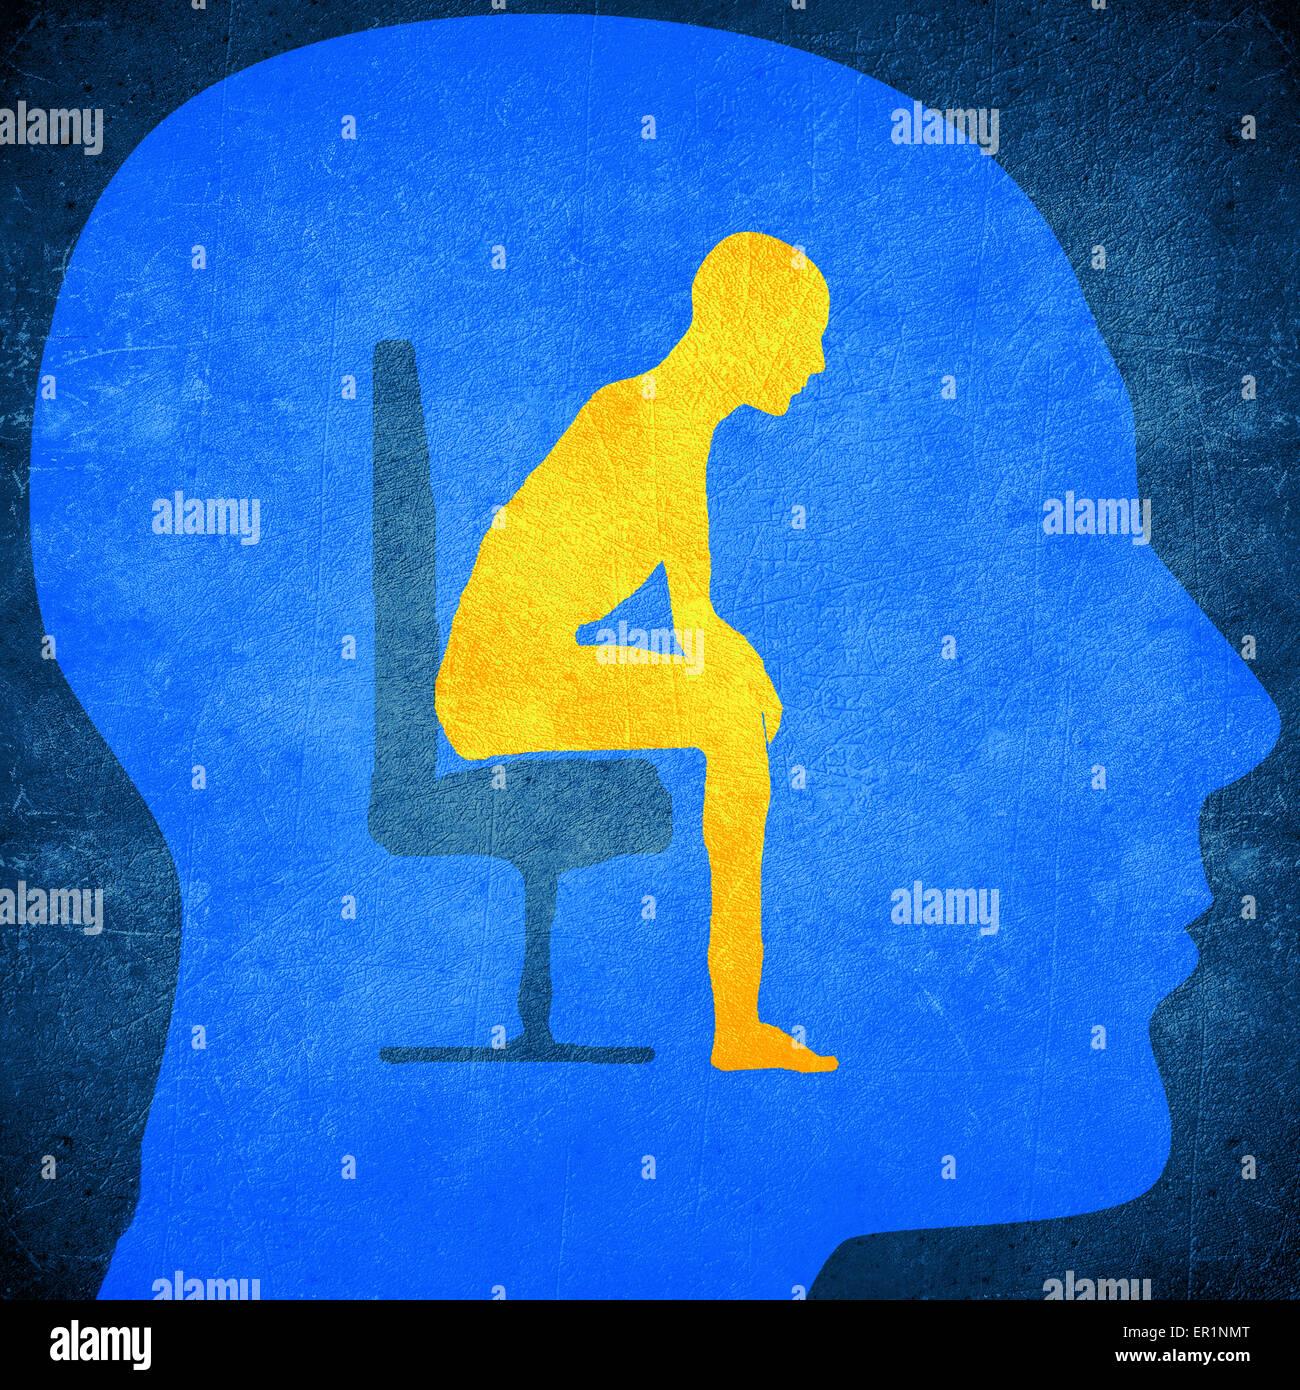 Cabeza humana azul con la silueta de un hombre sentado dentro del concepto de psicología Imagen De Stock